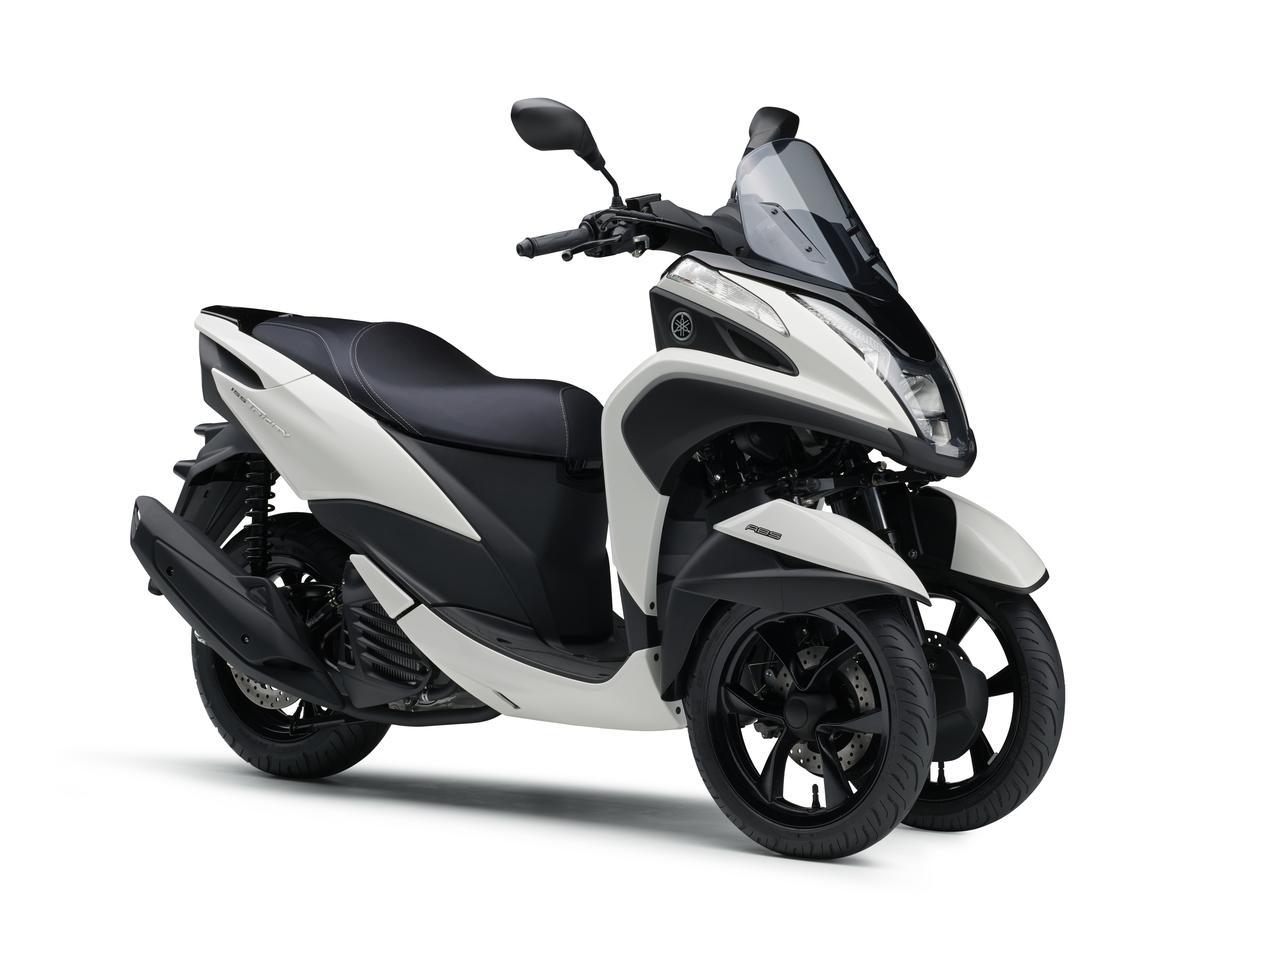 画像2: ヤマハ「トシリティ155 ABS」【1分で読める 2021年に新車で購入可能な150ccバイク紹介】